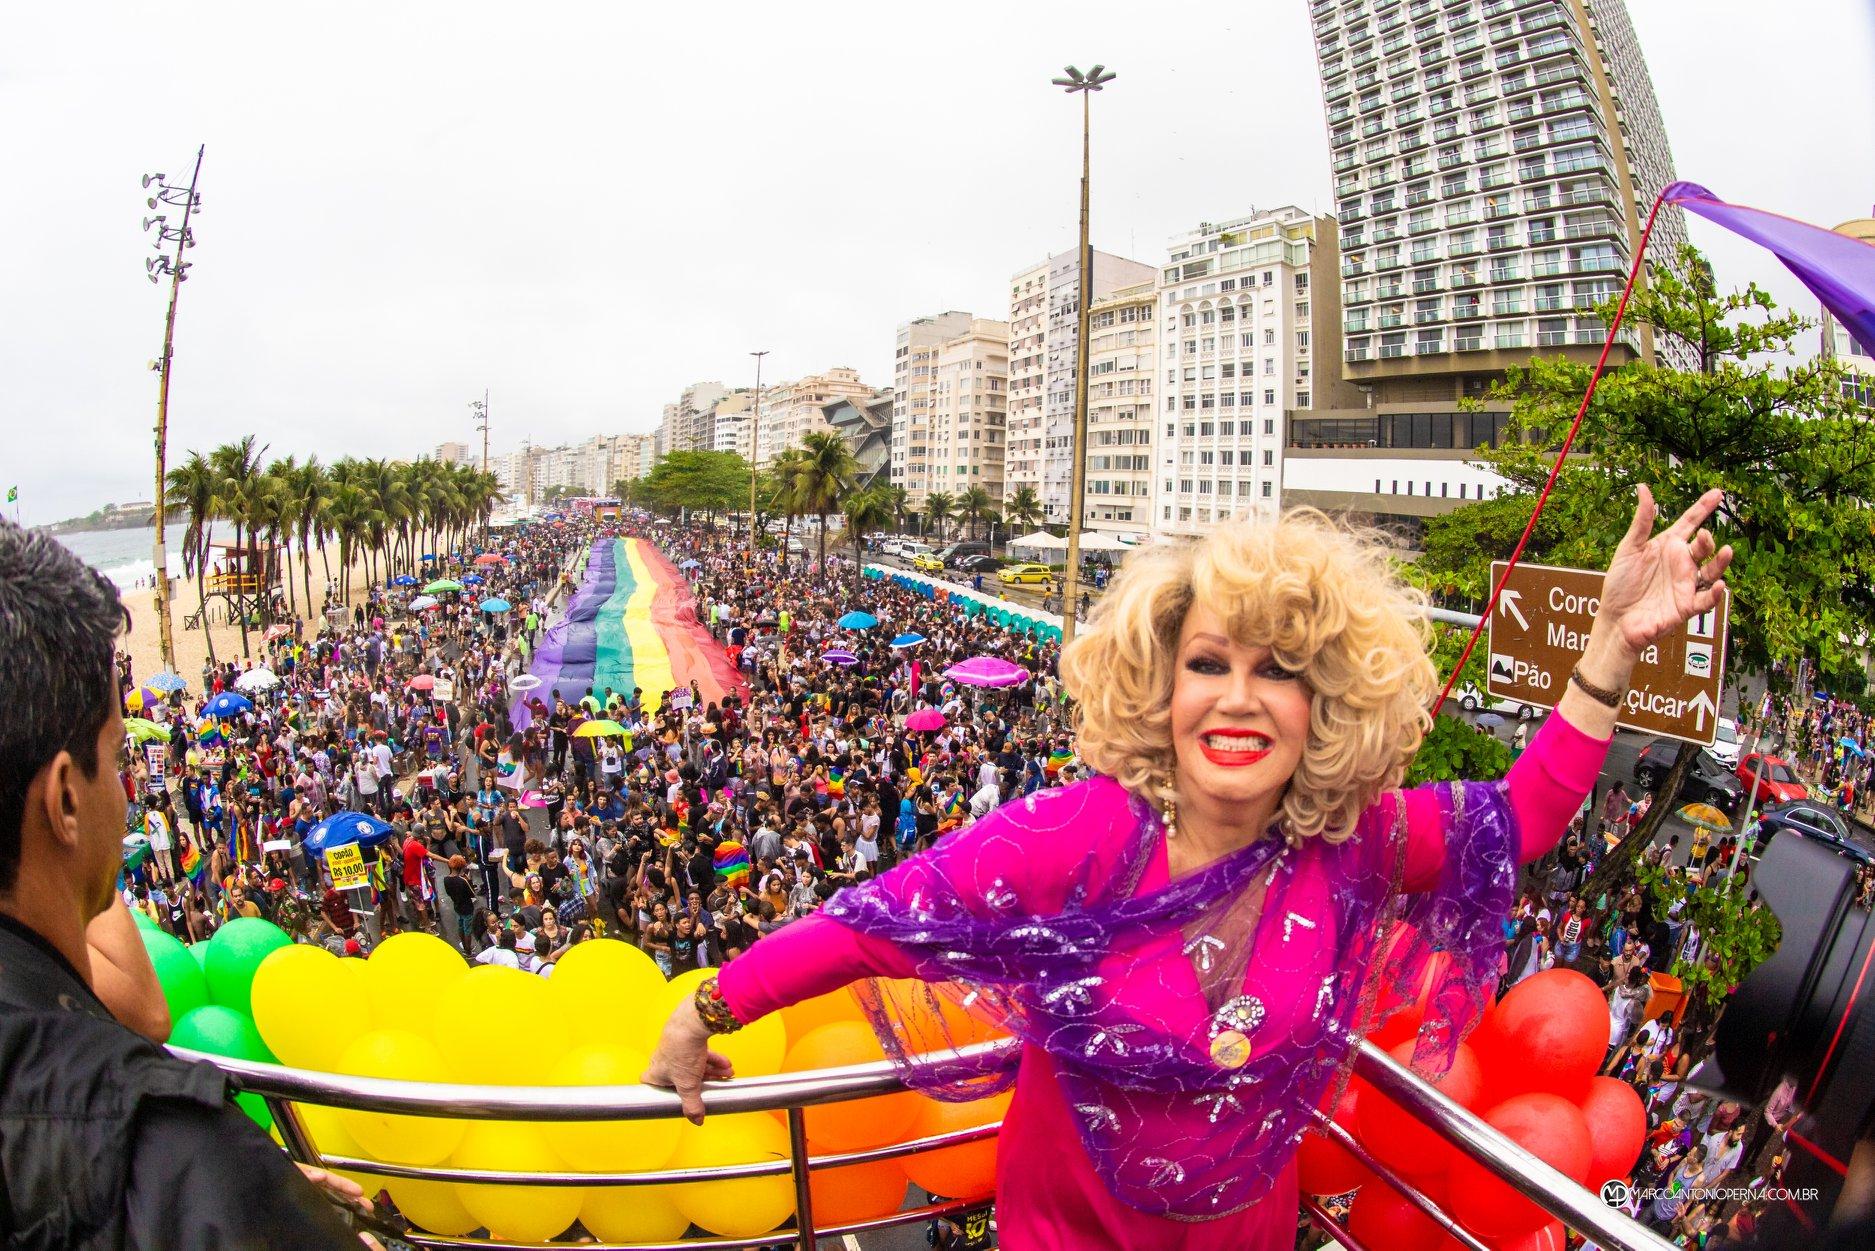 Com concentração a partir das 11h na orla de Copacabana, a 24ª Parada do Orgulho LGBTI, foi realizada em 22.09.2019 comemorando os 40 anos do Movimento LGBTI no Brasil e os 50 anos da Revolta de Stonewall em Nova York. Apesar da chuva constante, manifestantes lotaram a orla e através de faixas e mensagens pelo microfone, protestavam sobre os mais diversos temas, como a censura do prefeito Crivella na Bienal do Livro e a morte de Marielle Franco, sugerindo uma rua com seu nome. Jane di Castro abriu a parada cantando o hino nacional em ritmo de samba. A parada teve 7 trios elétricos. Entre as atrações estavam Pablo Vittar, Lexa, Day e MC Rebecca.